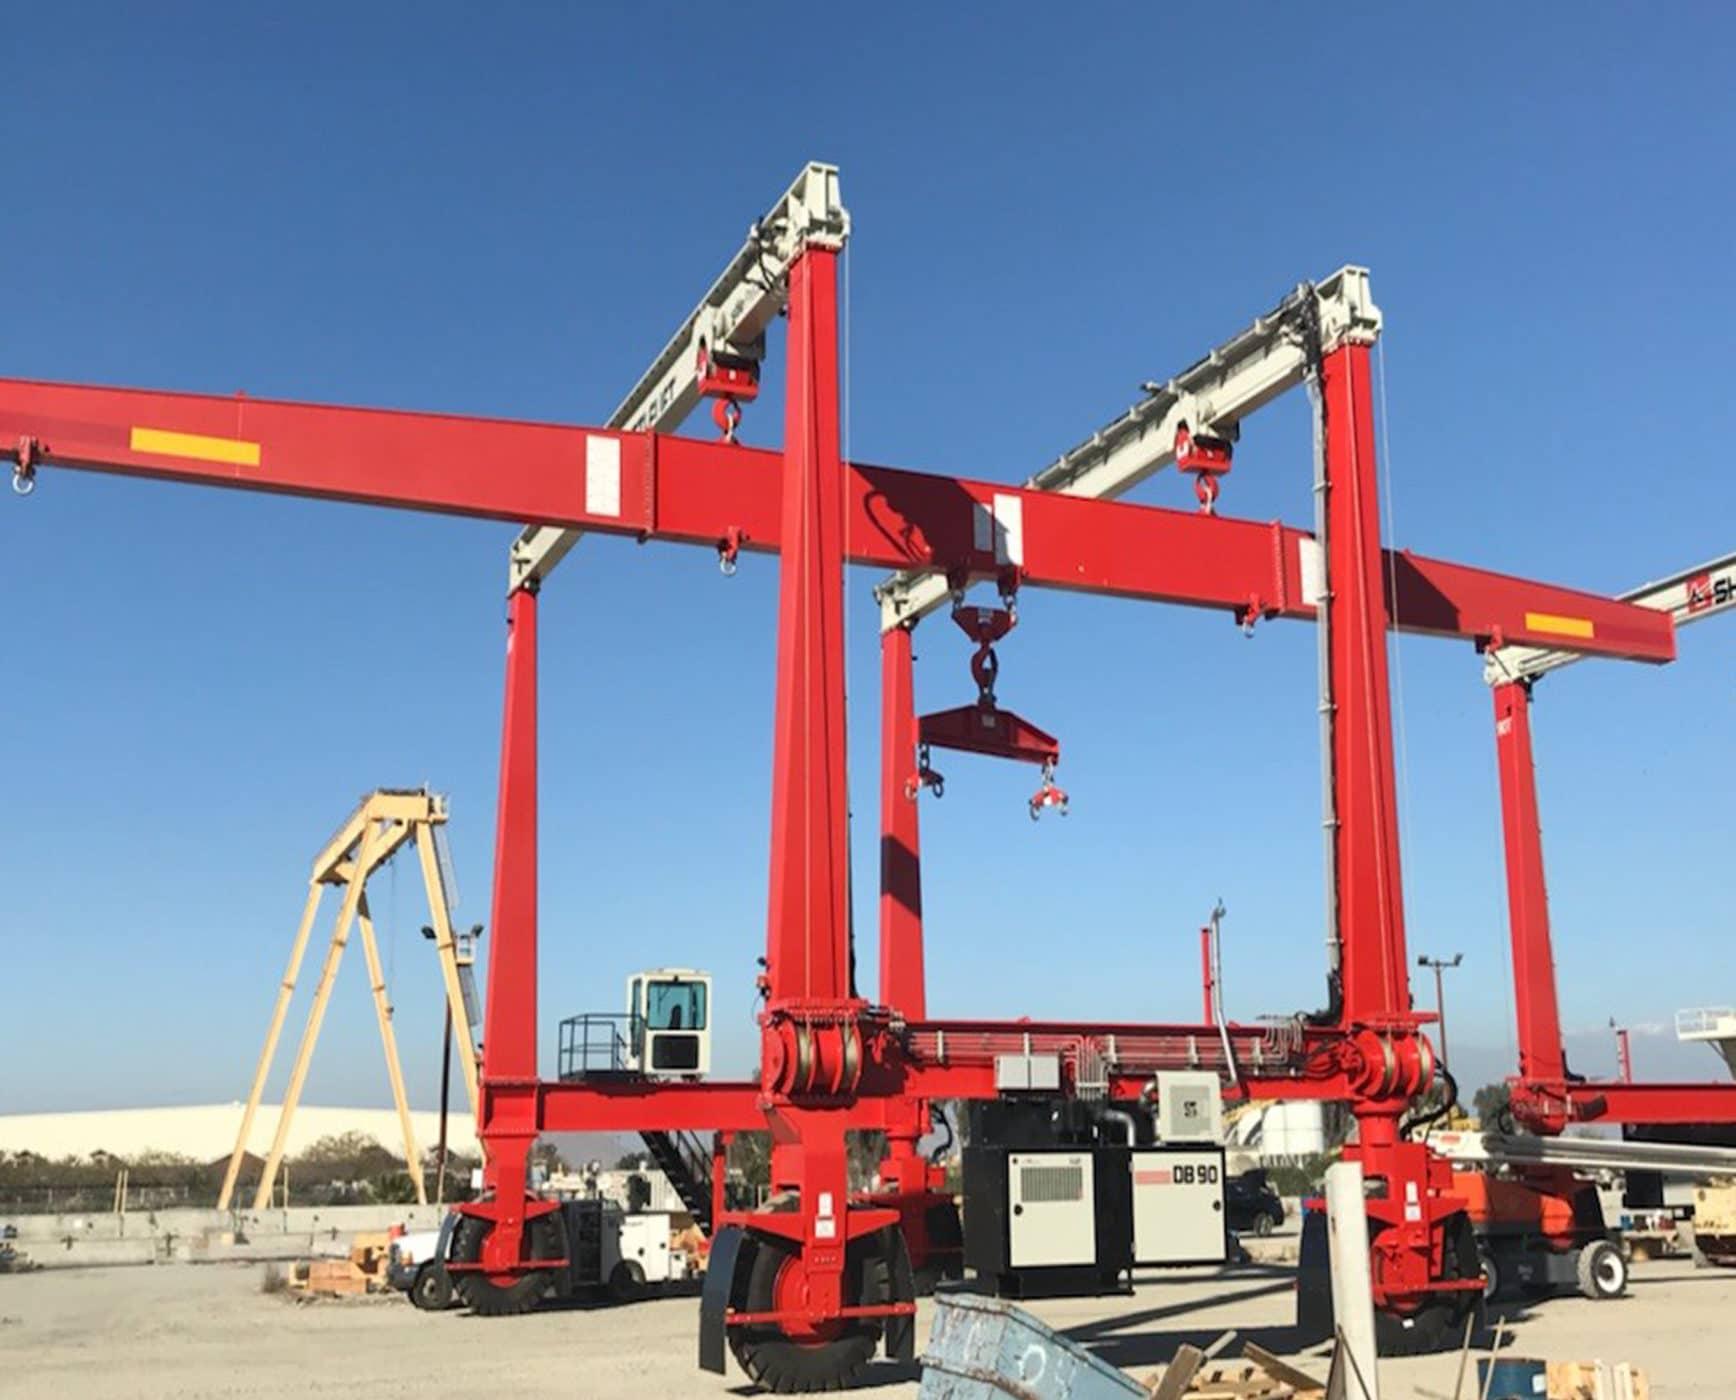 Mobile Gantry Crane Spreader for Lifting